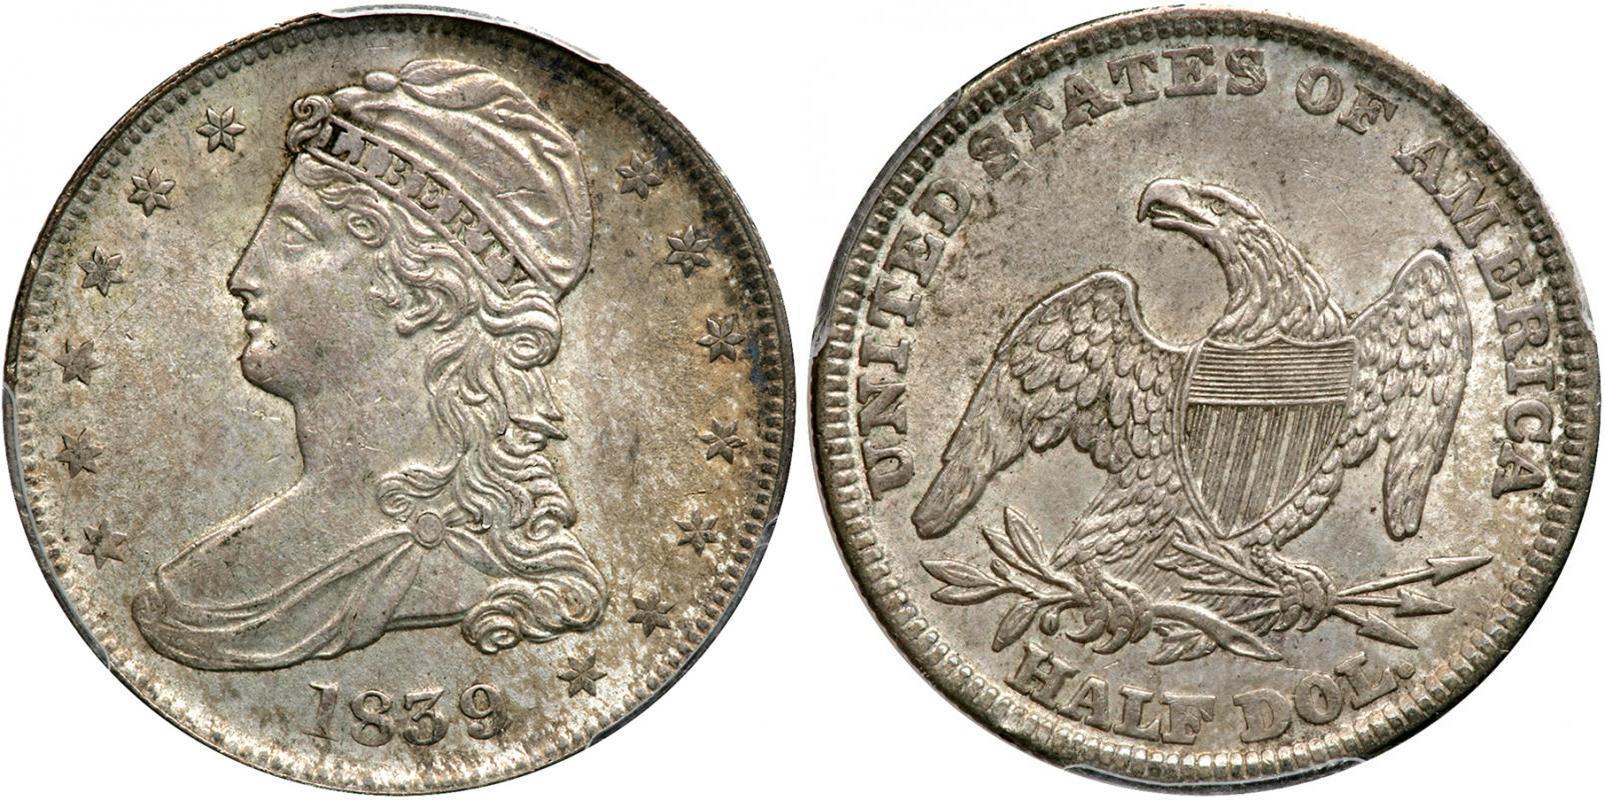 1 2 Dollar 50 Cent 1838 1839 Usa 1776 Silver